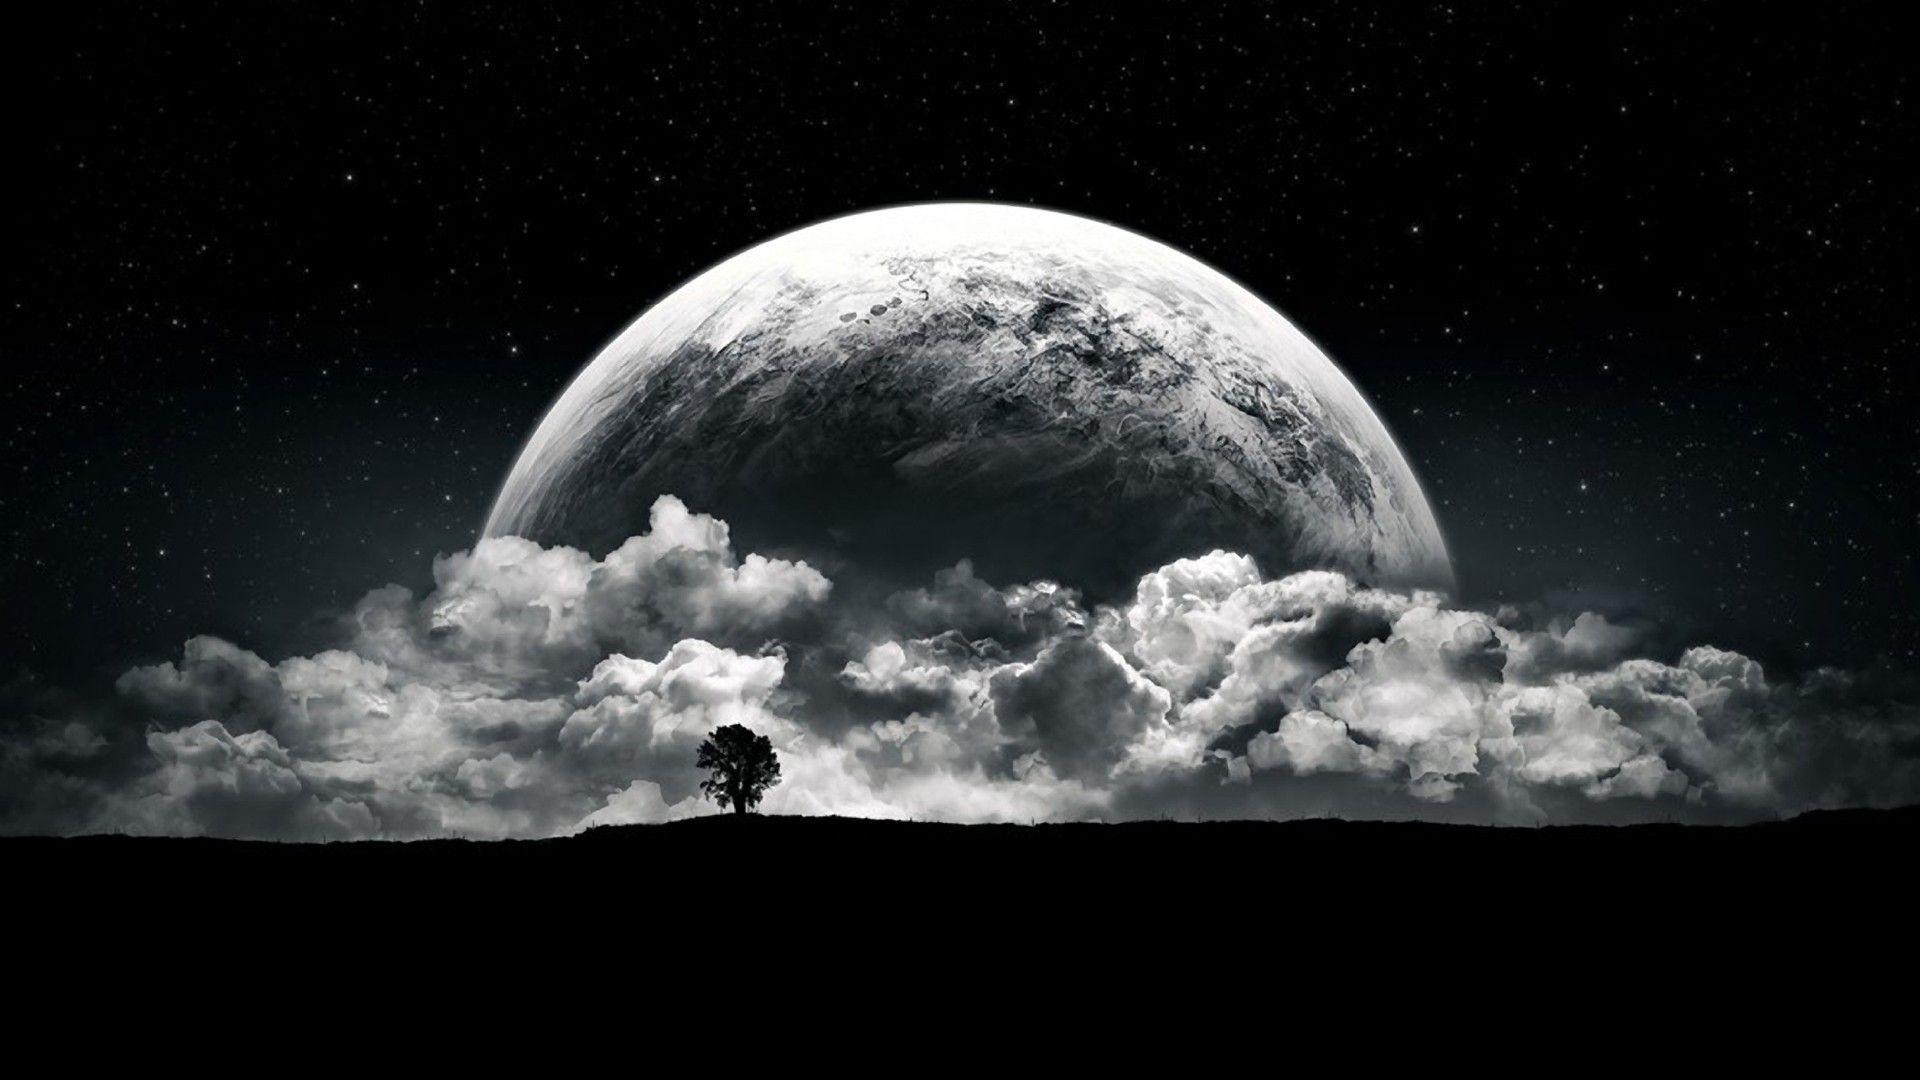 デスクトップ壁紙 モノクロ 惑星 月光 雰囲気 天文学 闇 黒と白 宇宙空間 天体 19x1080 Brokenvegetable デスクトップ壁紙 Wallhere